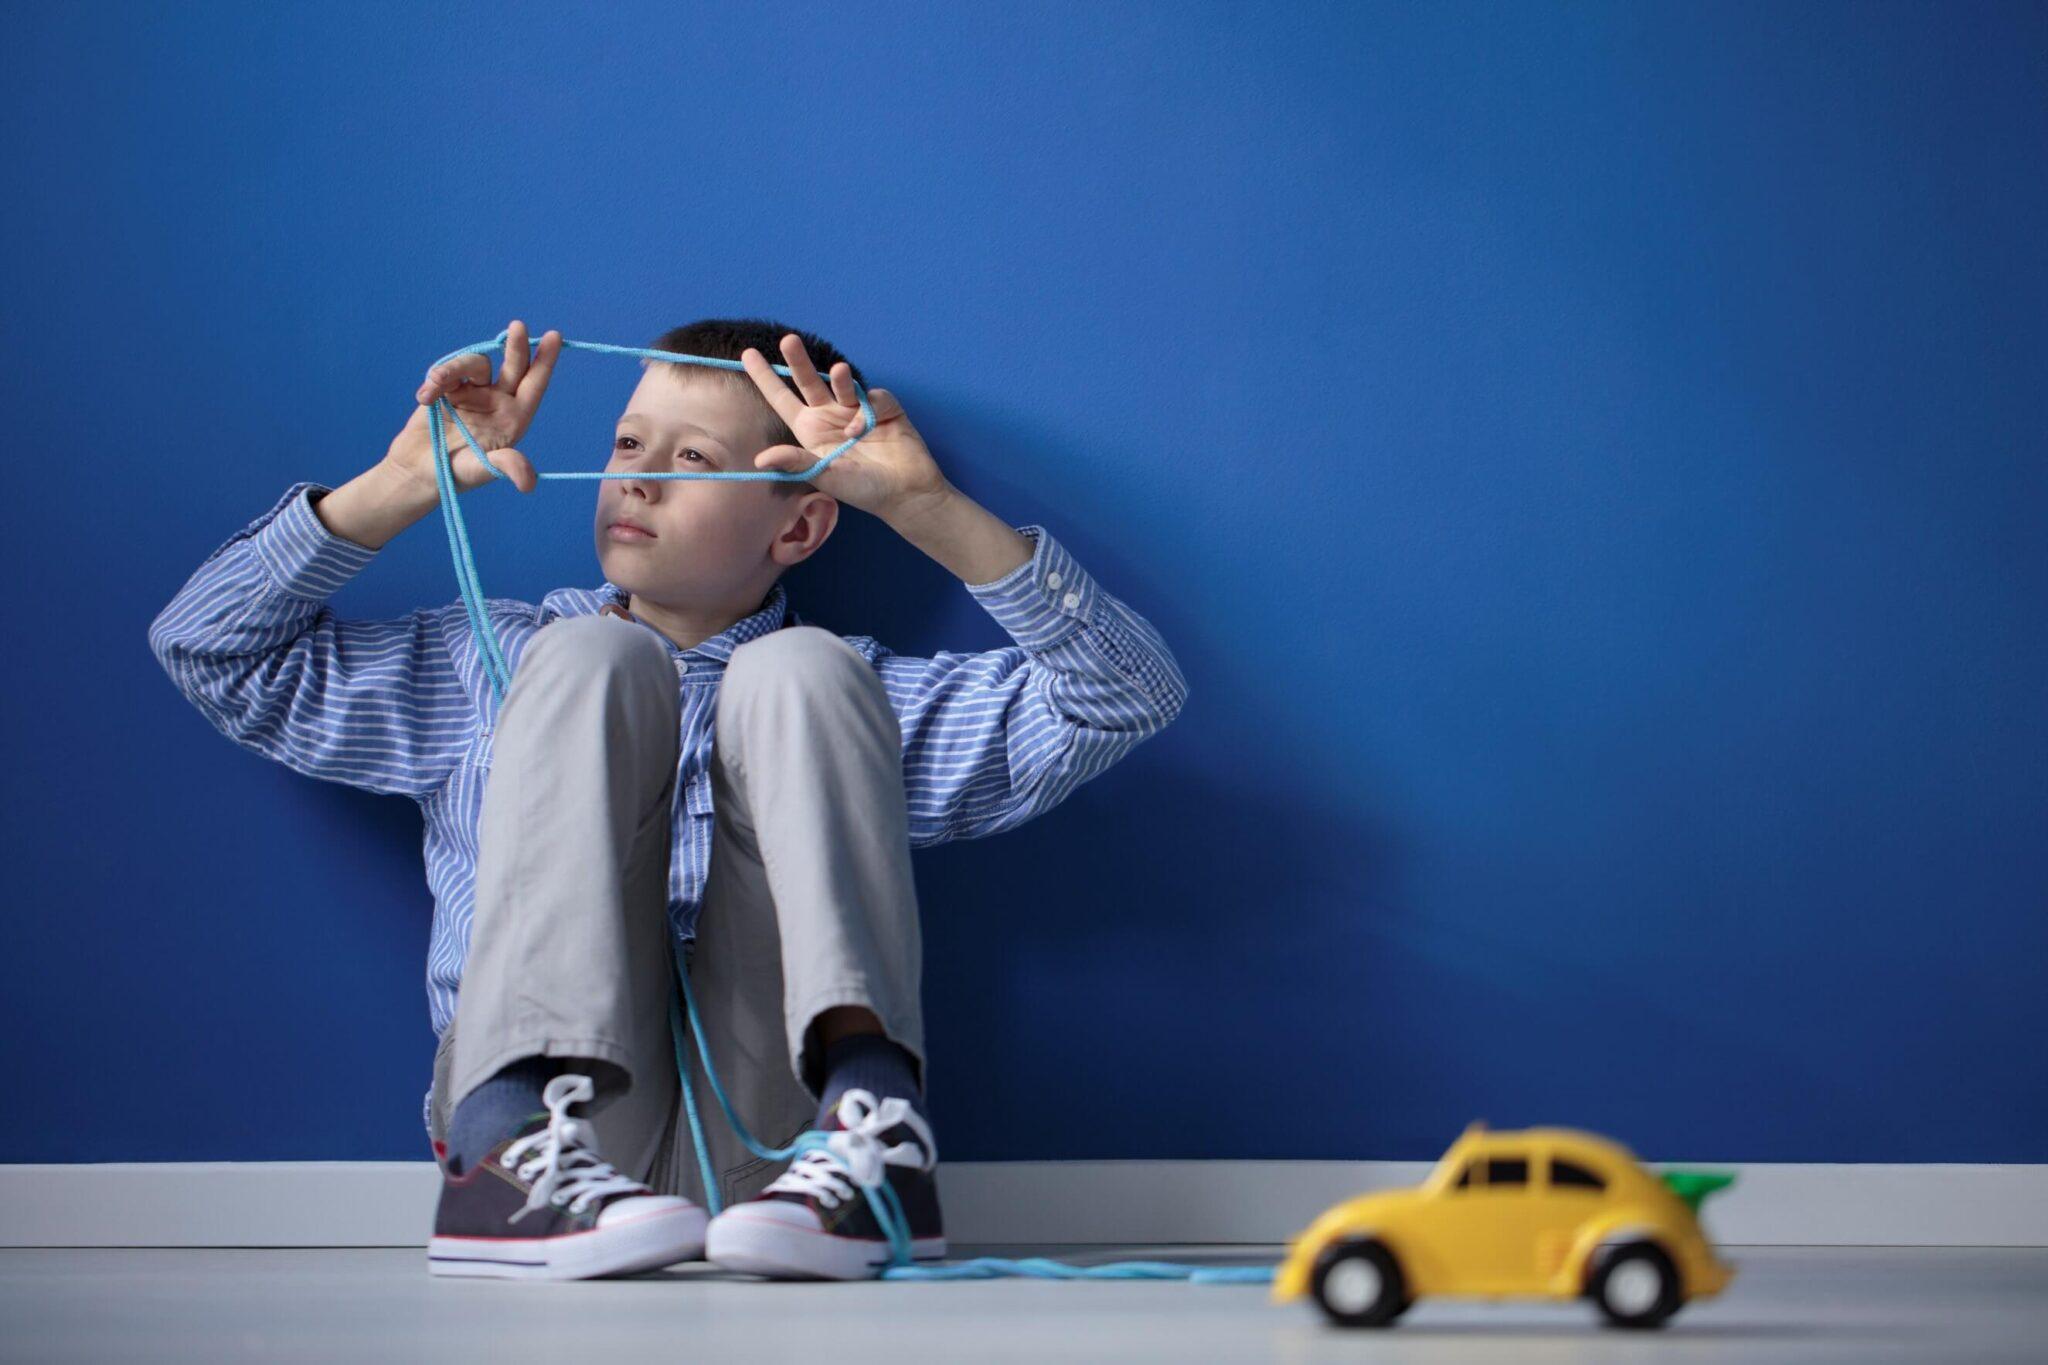 teste de síndrome de asperger - criança autista brincando